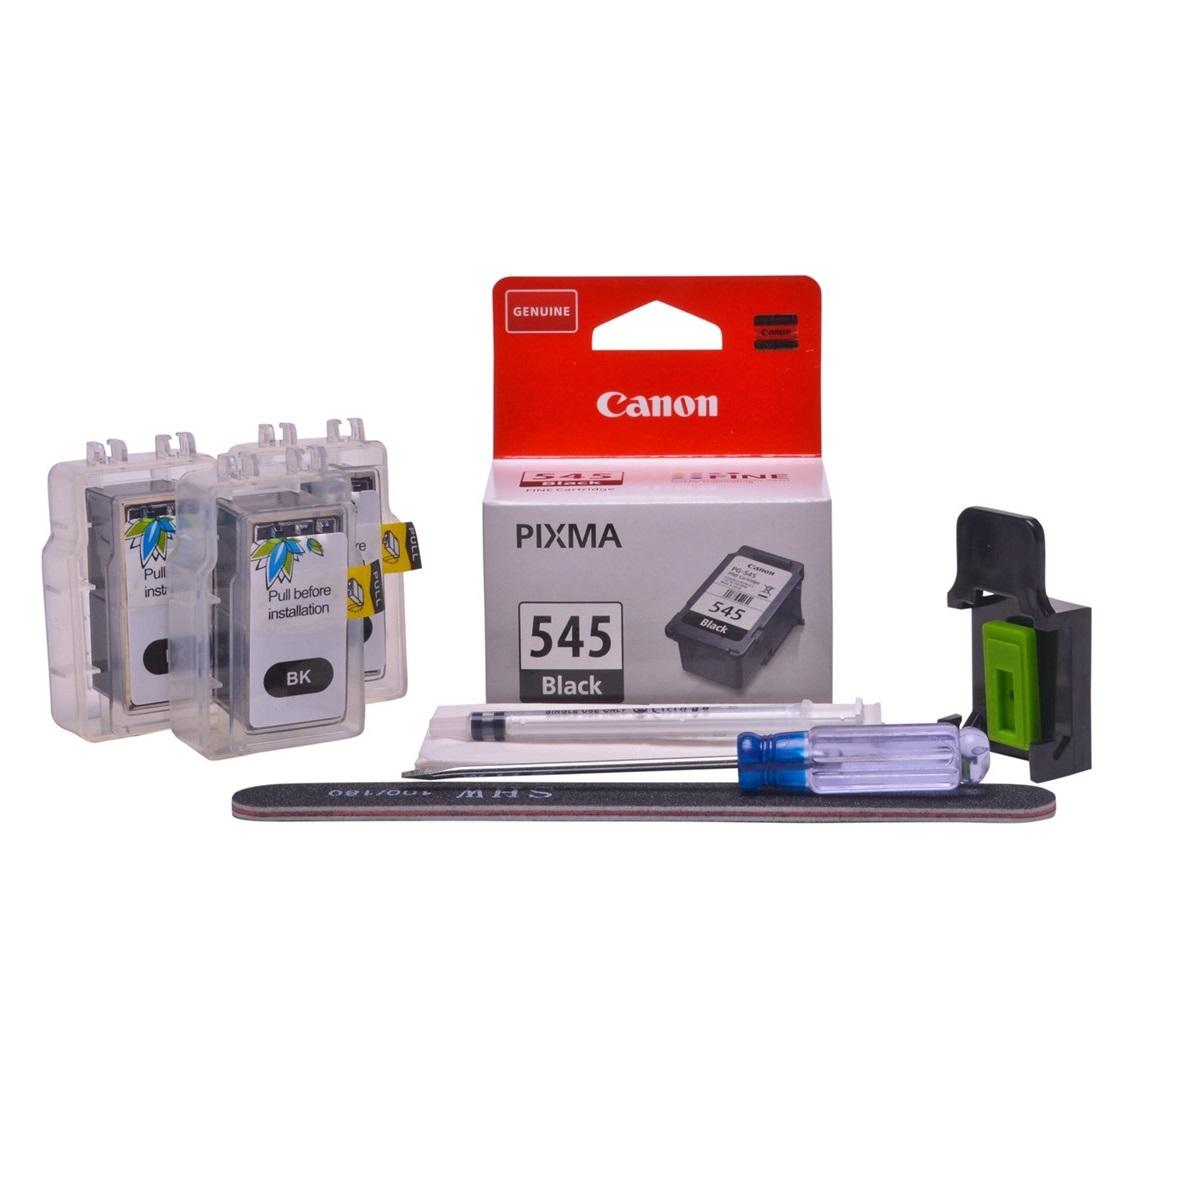 Refillable pigment Cheap printer cartridges for Canon Pixma MX495 PG-545 PG-545XL Pigment Black